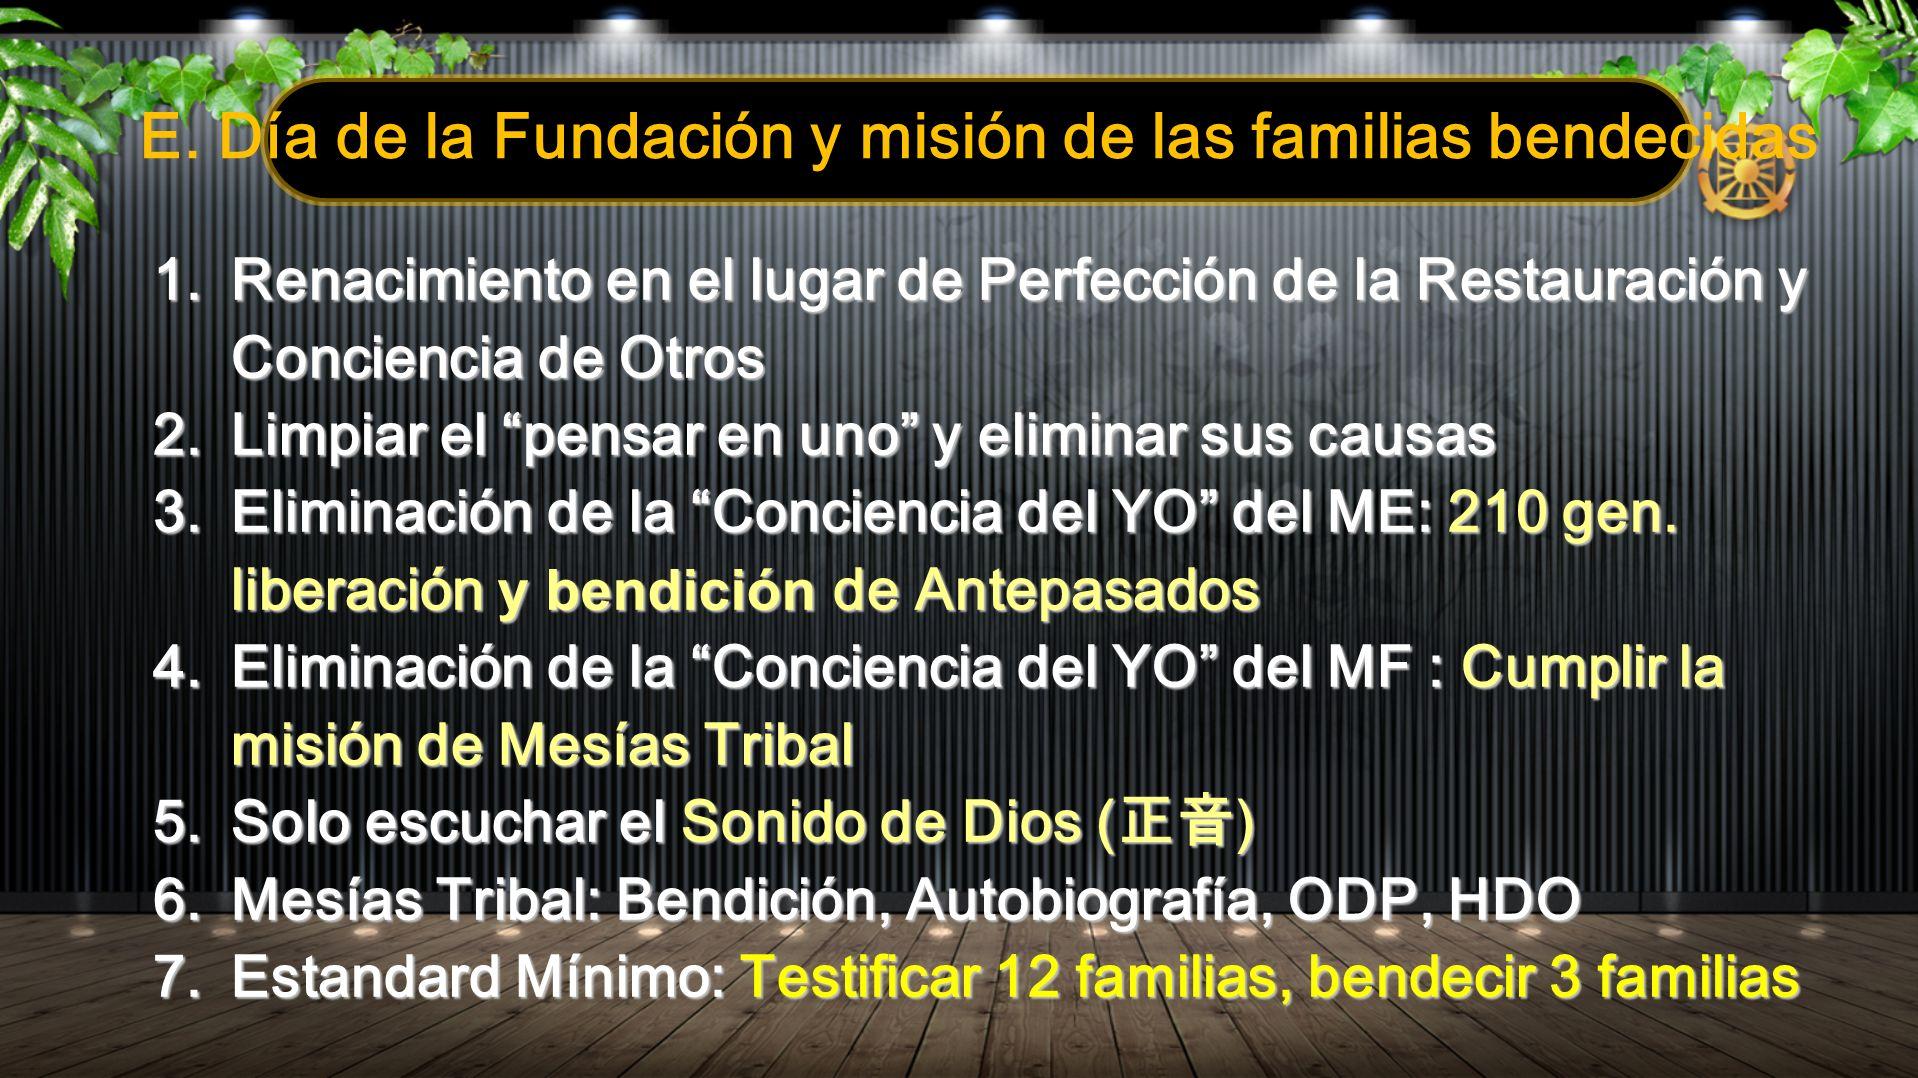 E. Día de la Fundación y misión de las familias bendecidas 1.Renacimiento en el lugar de Perfección de la Restauración y Conciencia de Otros 2.Limpiar